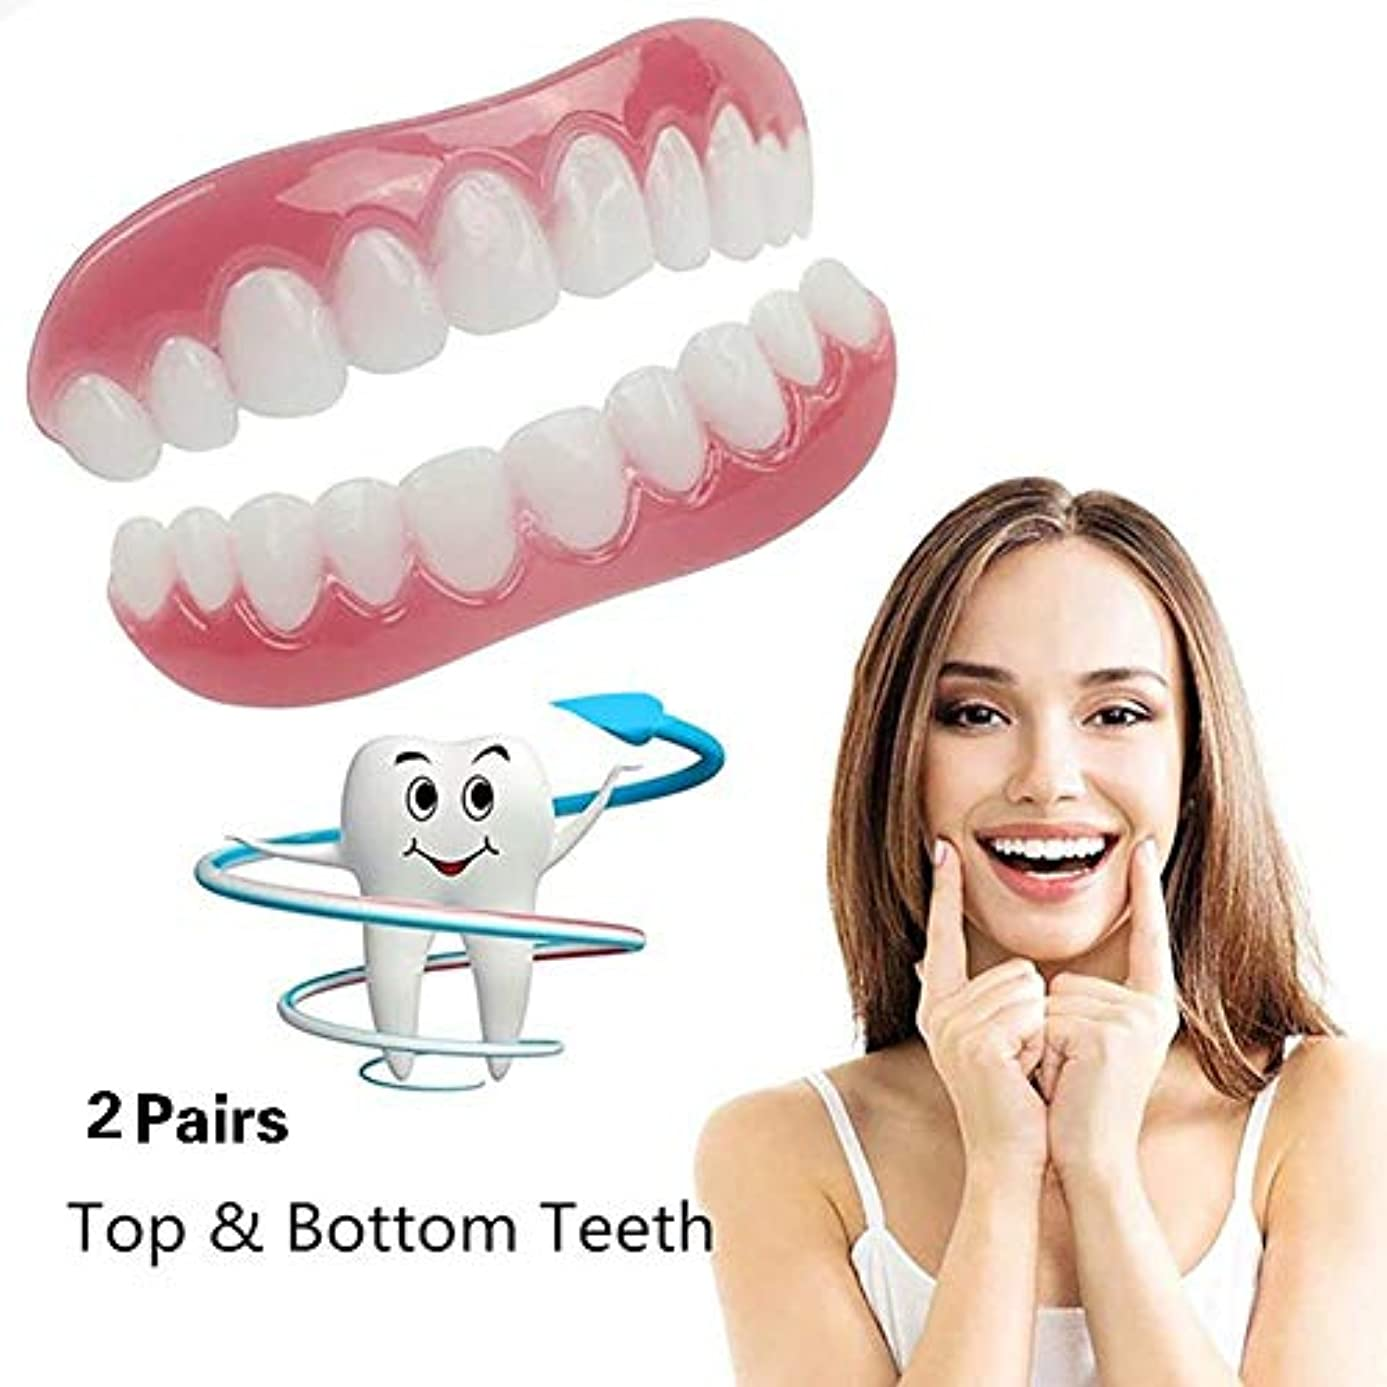 注入するオペレータードール2対のシリコーンの歯のベニヤの歯の快適さのフィットフレックス化粧品の歯義歯の歯のトップとボトム化粧品のベニヤのシミュレーションのブレースワンサイズフィットすべて